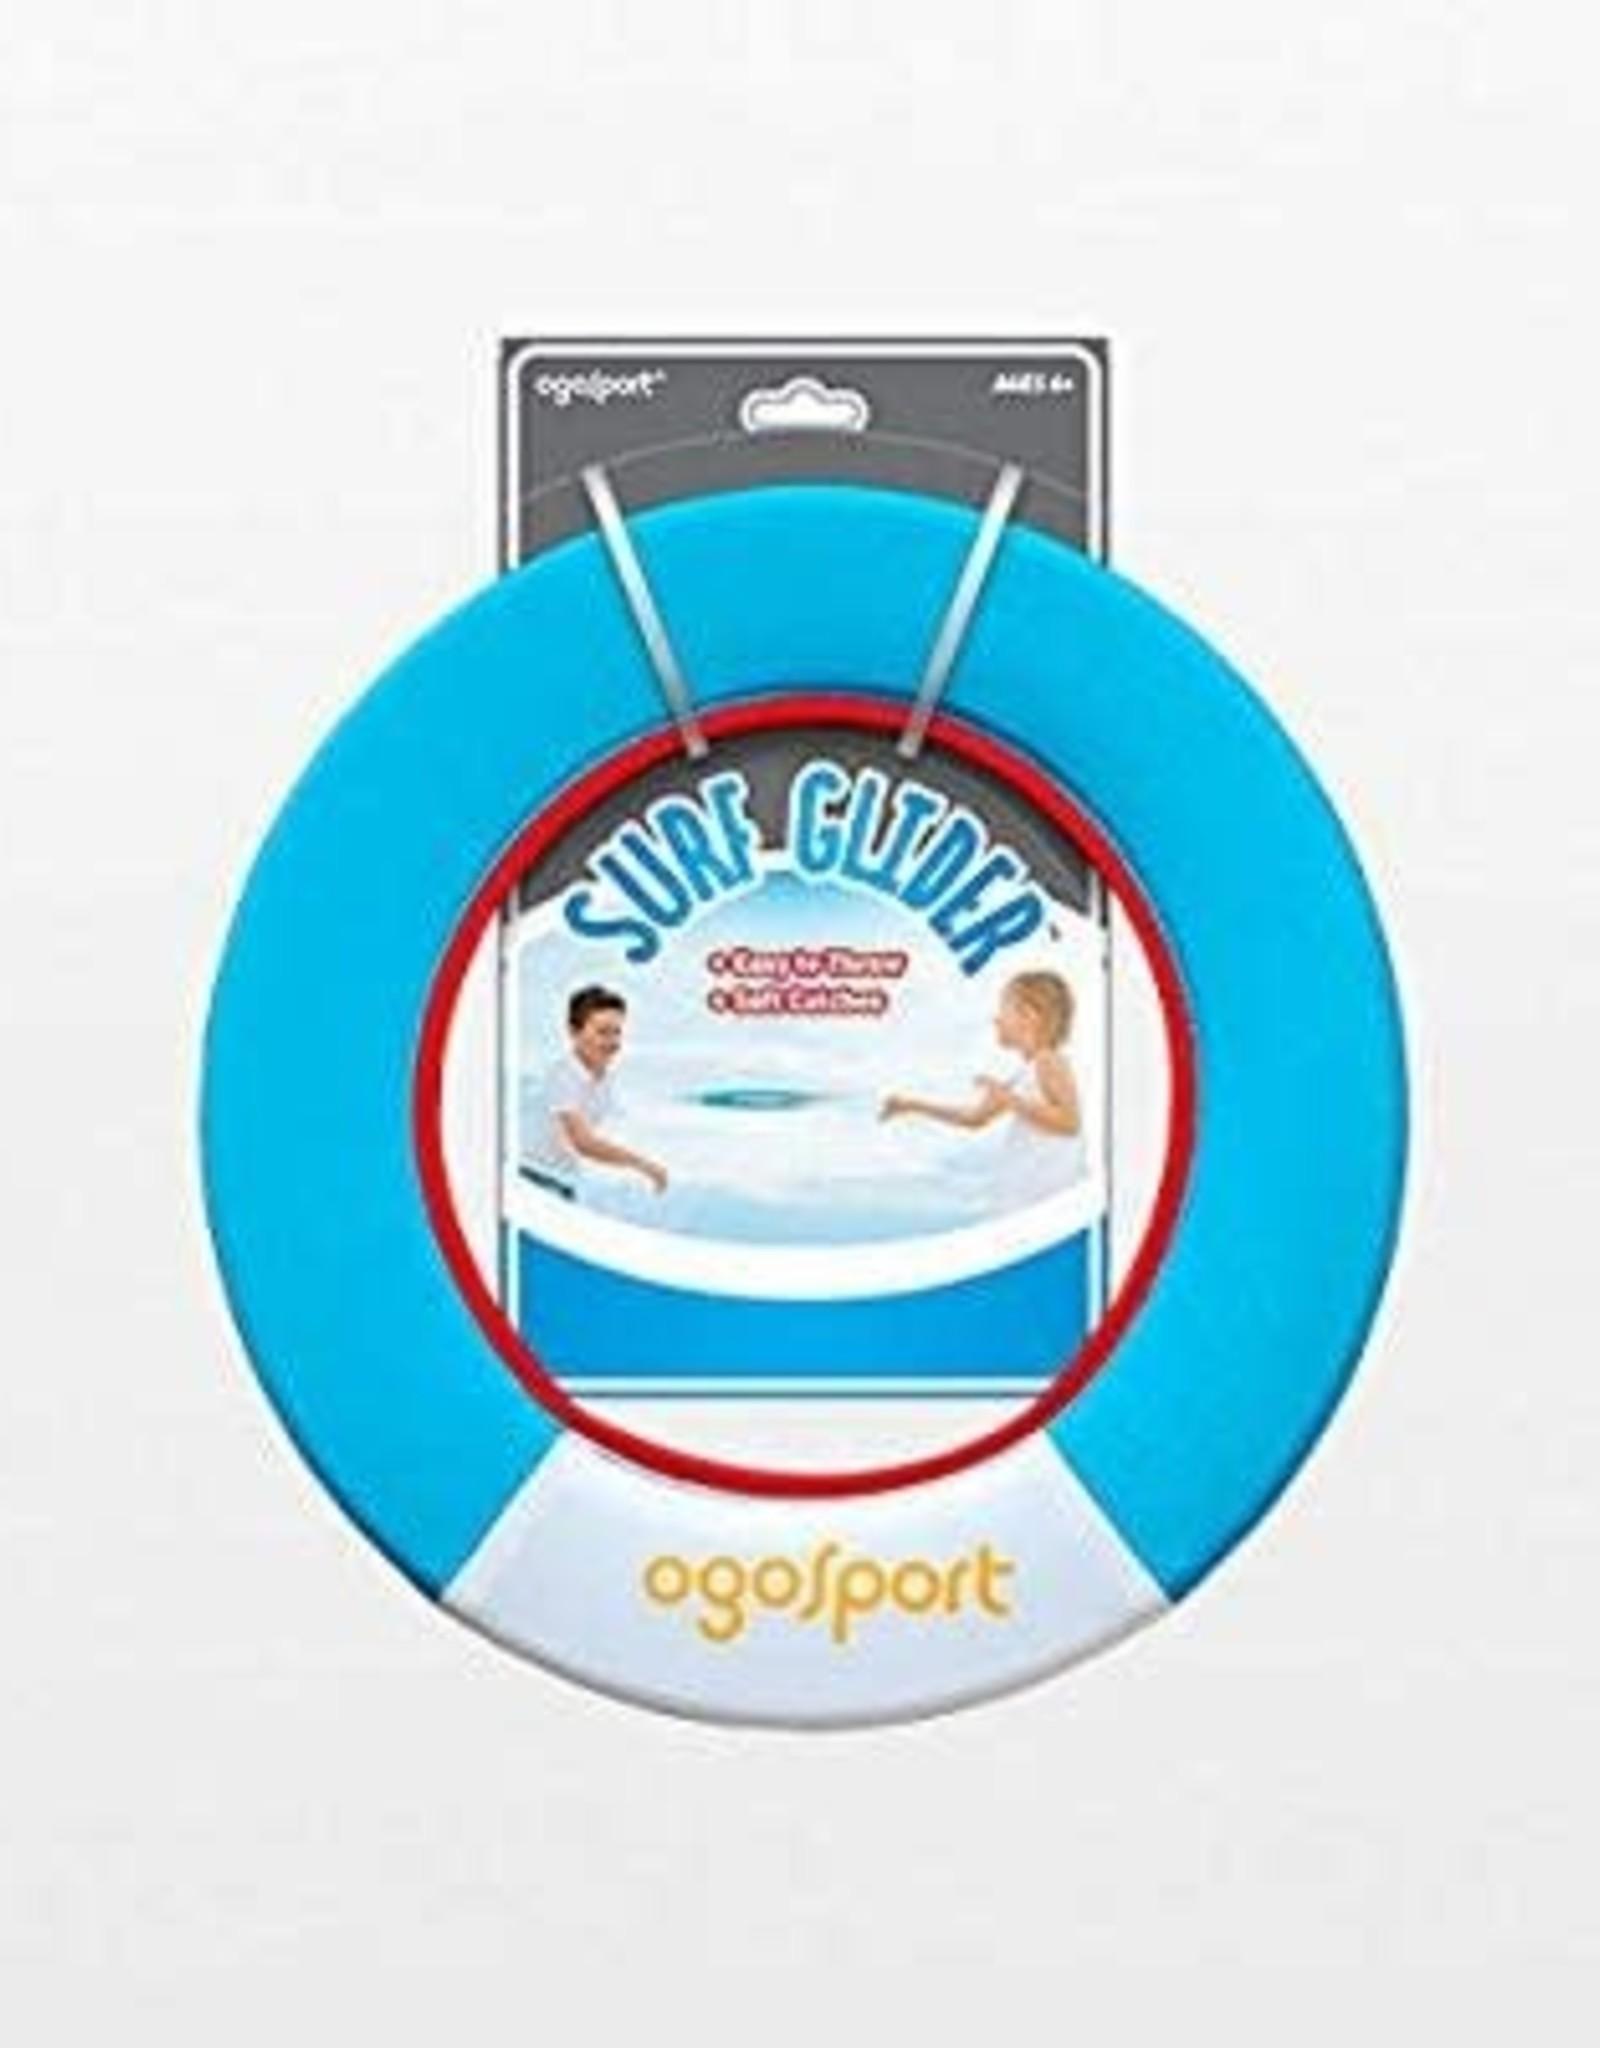 Ogo OGO Surf Glider Disk (Frisbee)